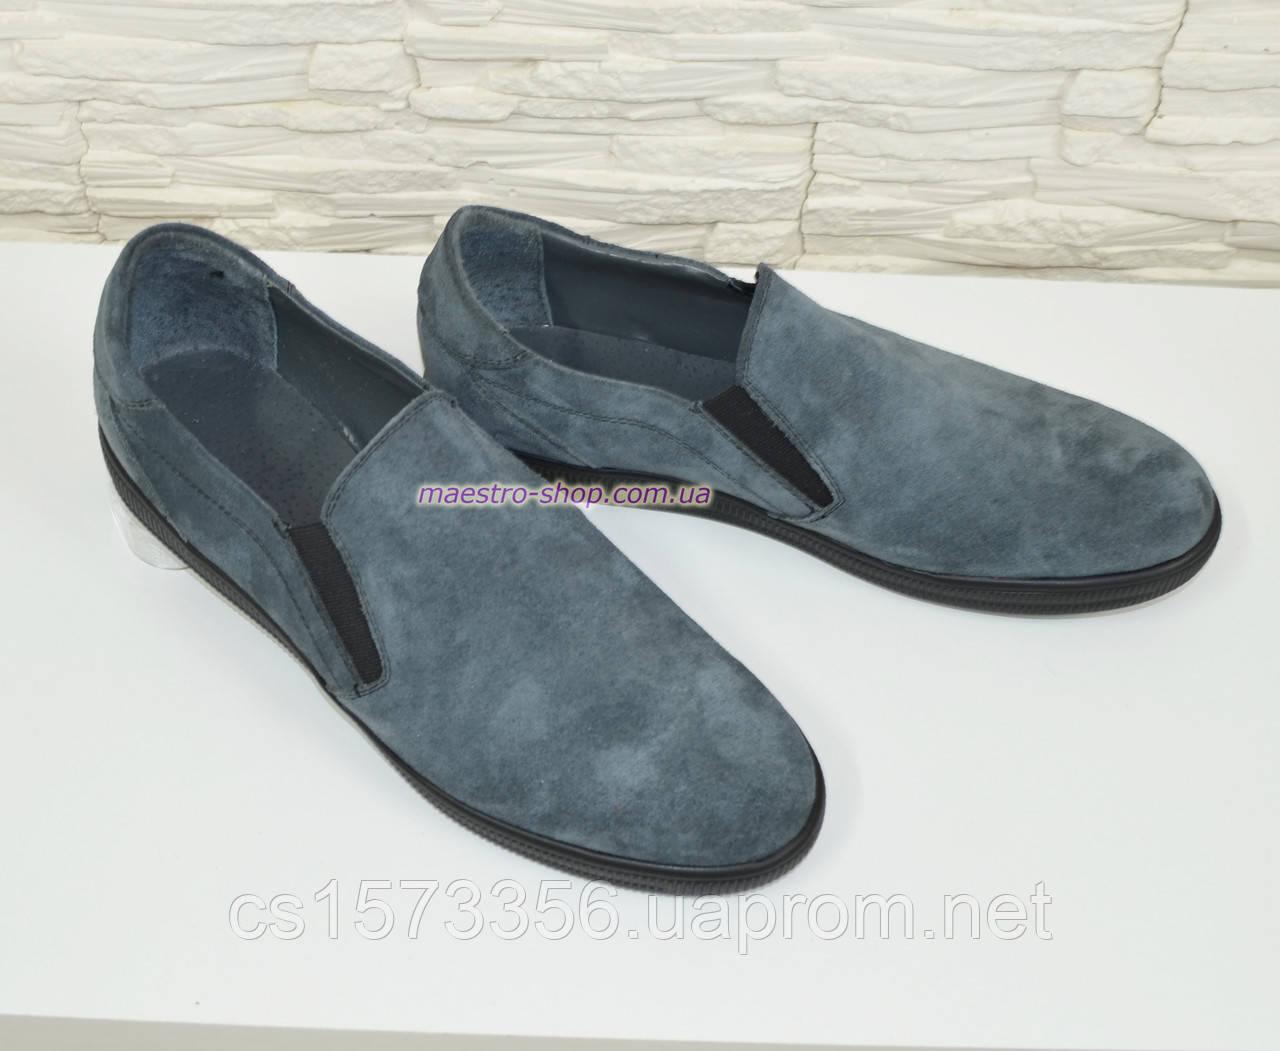 Чоловічі туфлі-мокасини з натуральної сірої замші, на плоскій підошві